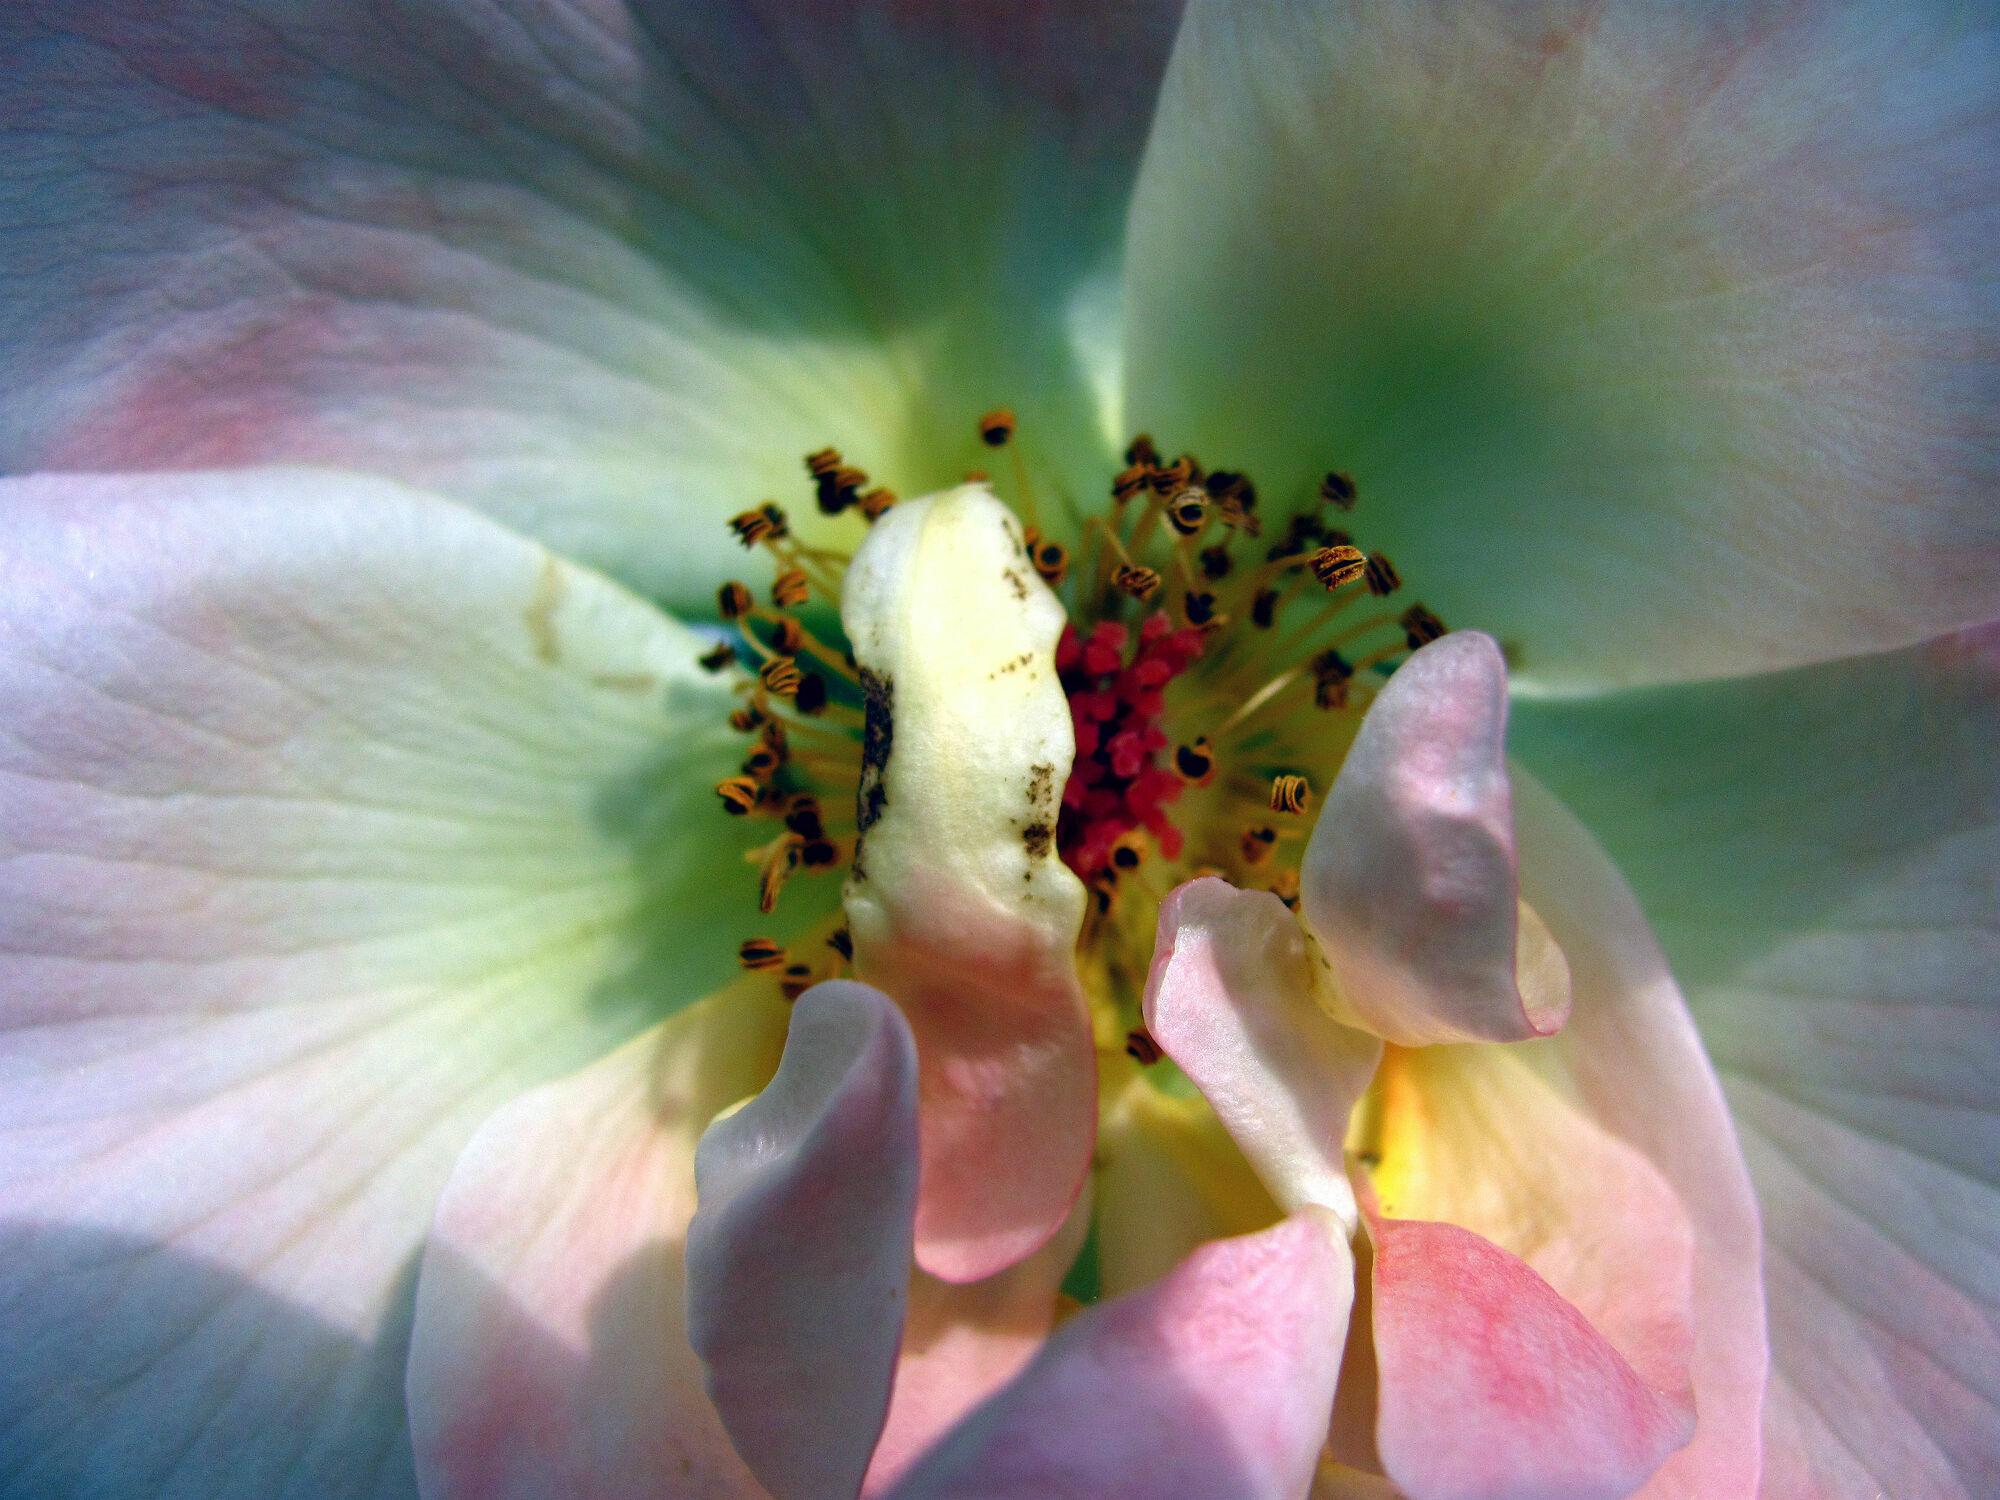 Bild mit Pflanzen, Rosa, Frühling, Rosen, Sommer, Pflanze, Rose, romantik, Schönheit, Blüten, blüte, frühjahr, Liebe